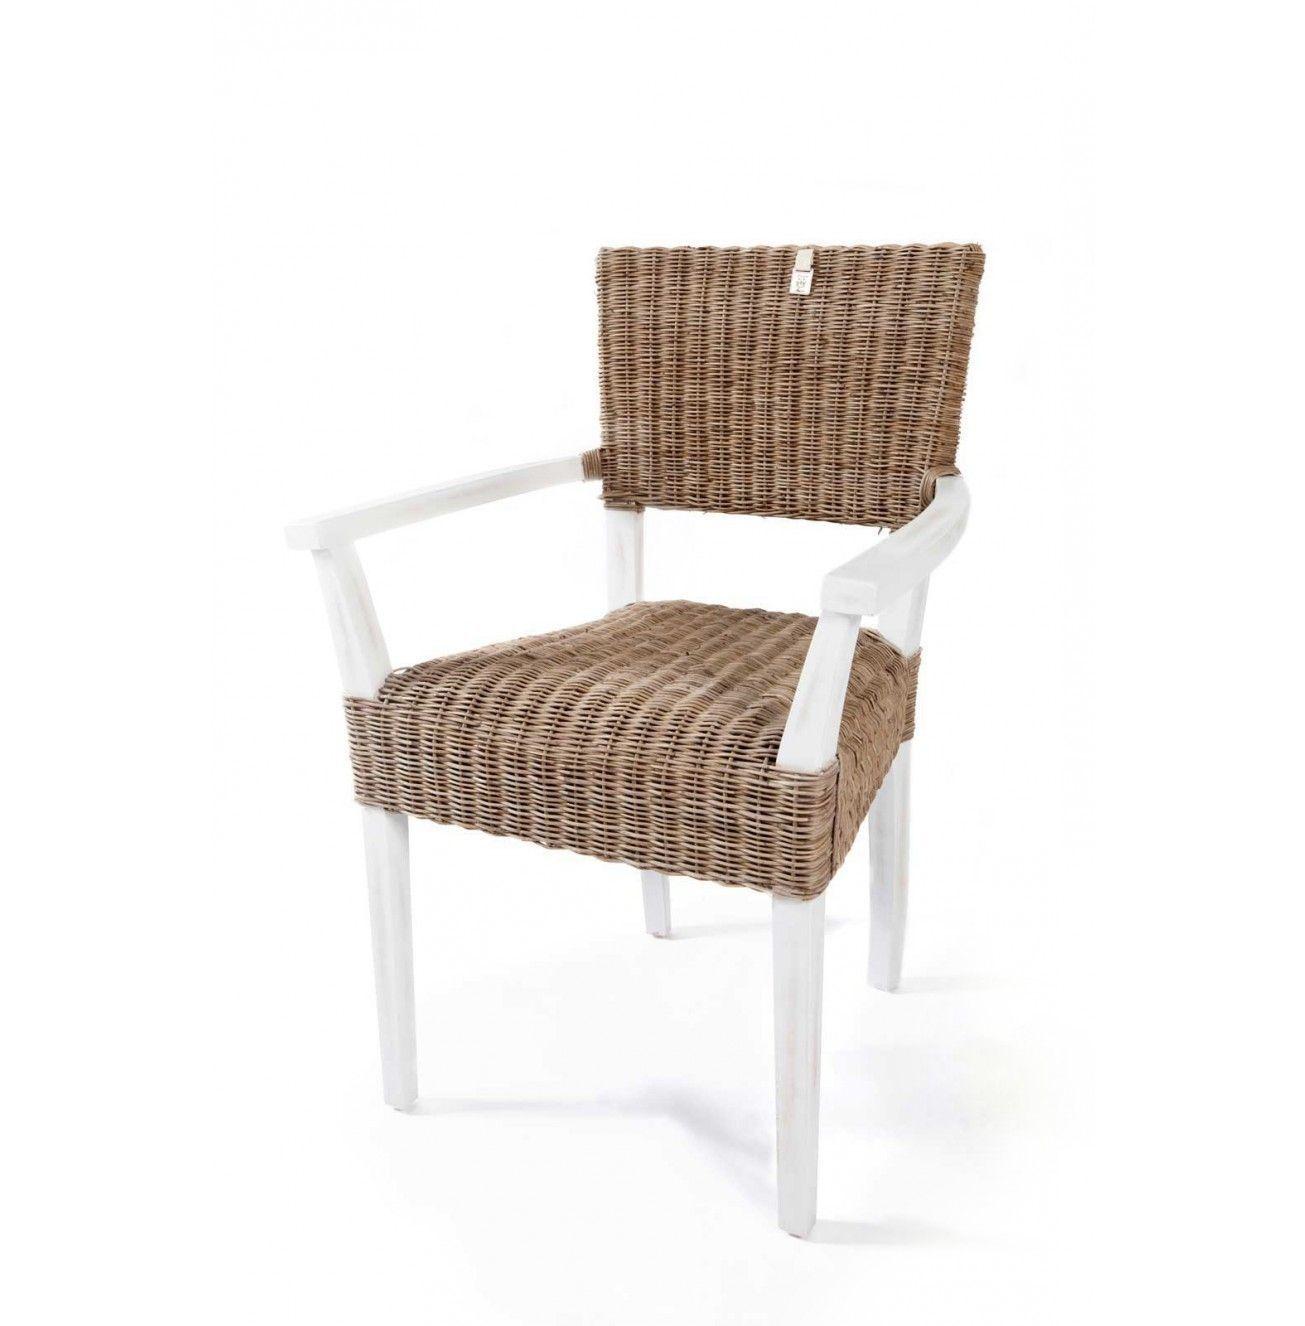 Ratanová jedálenská stolička Beecham